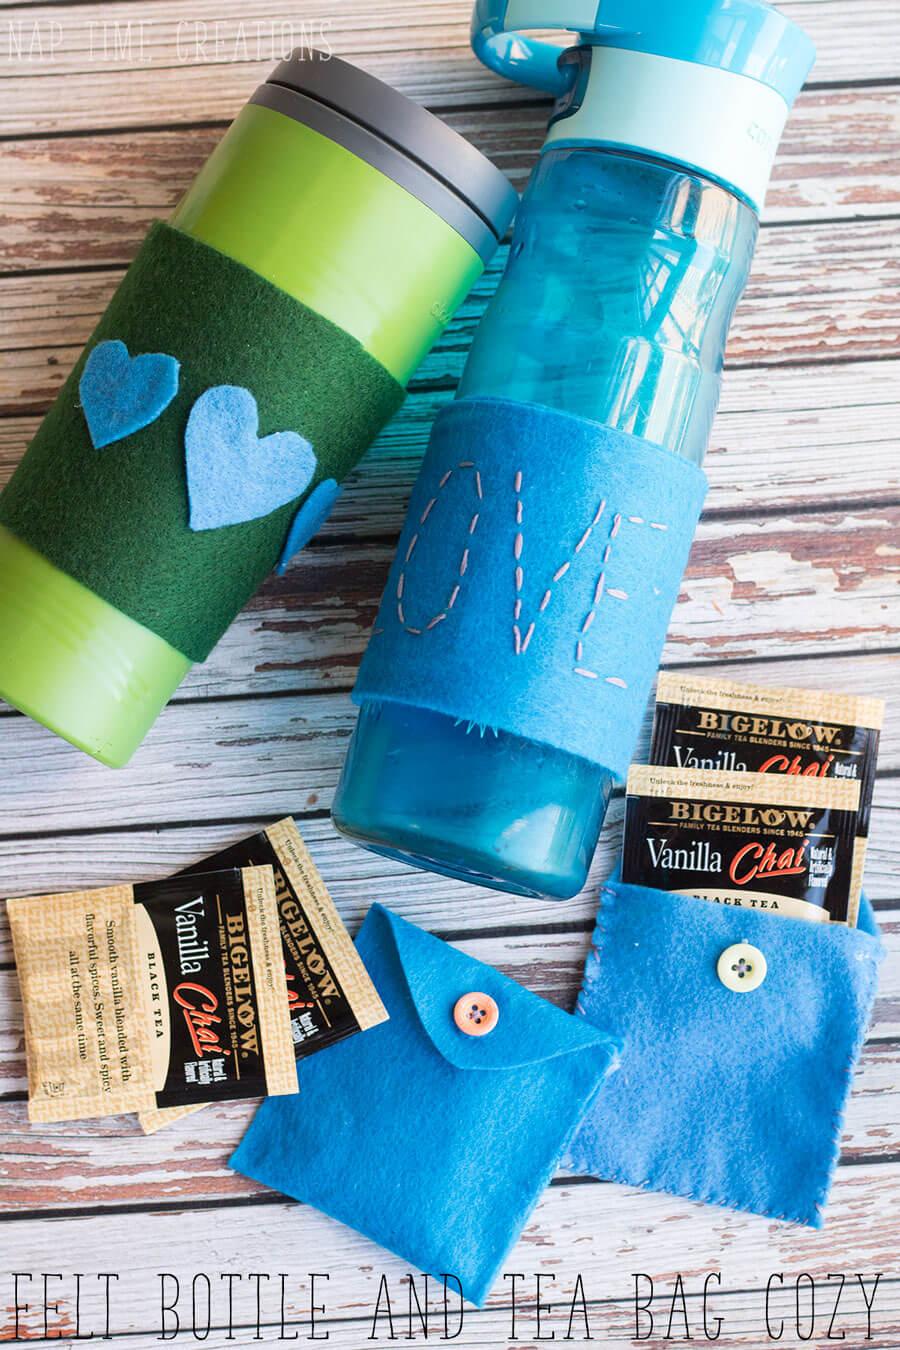 Felt Mug Cozy DIY and tea bag to go from Life Sew Savory